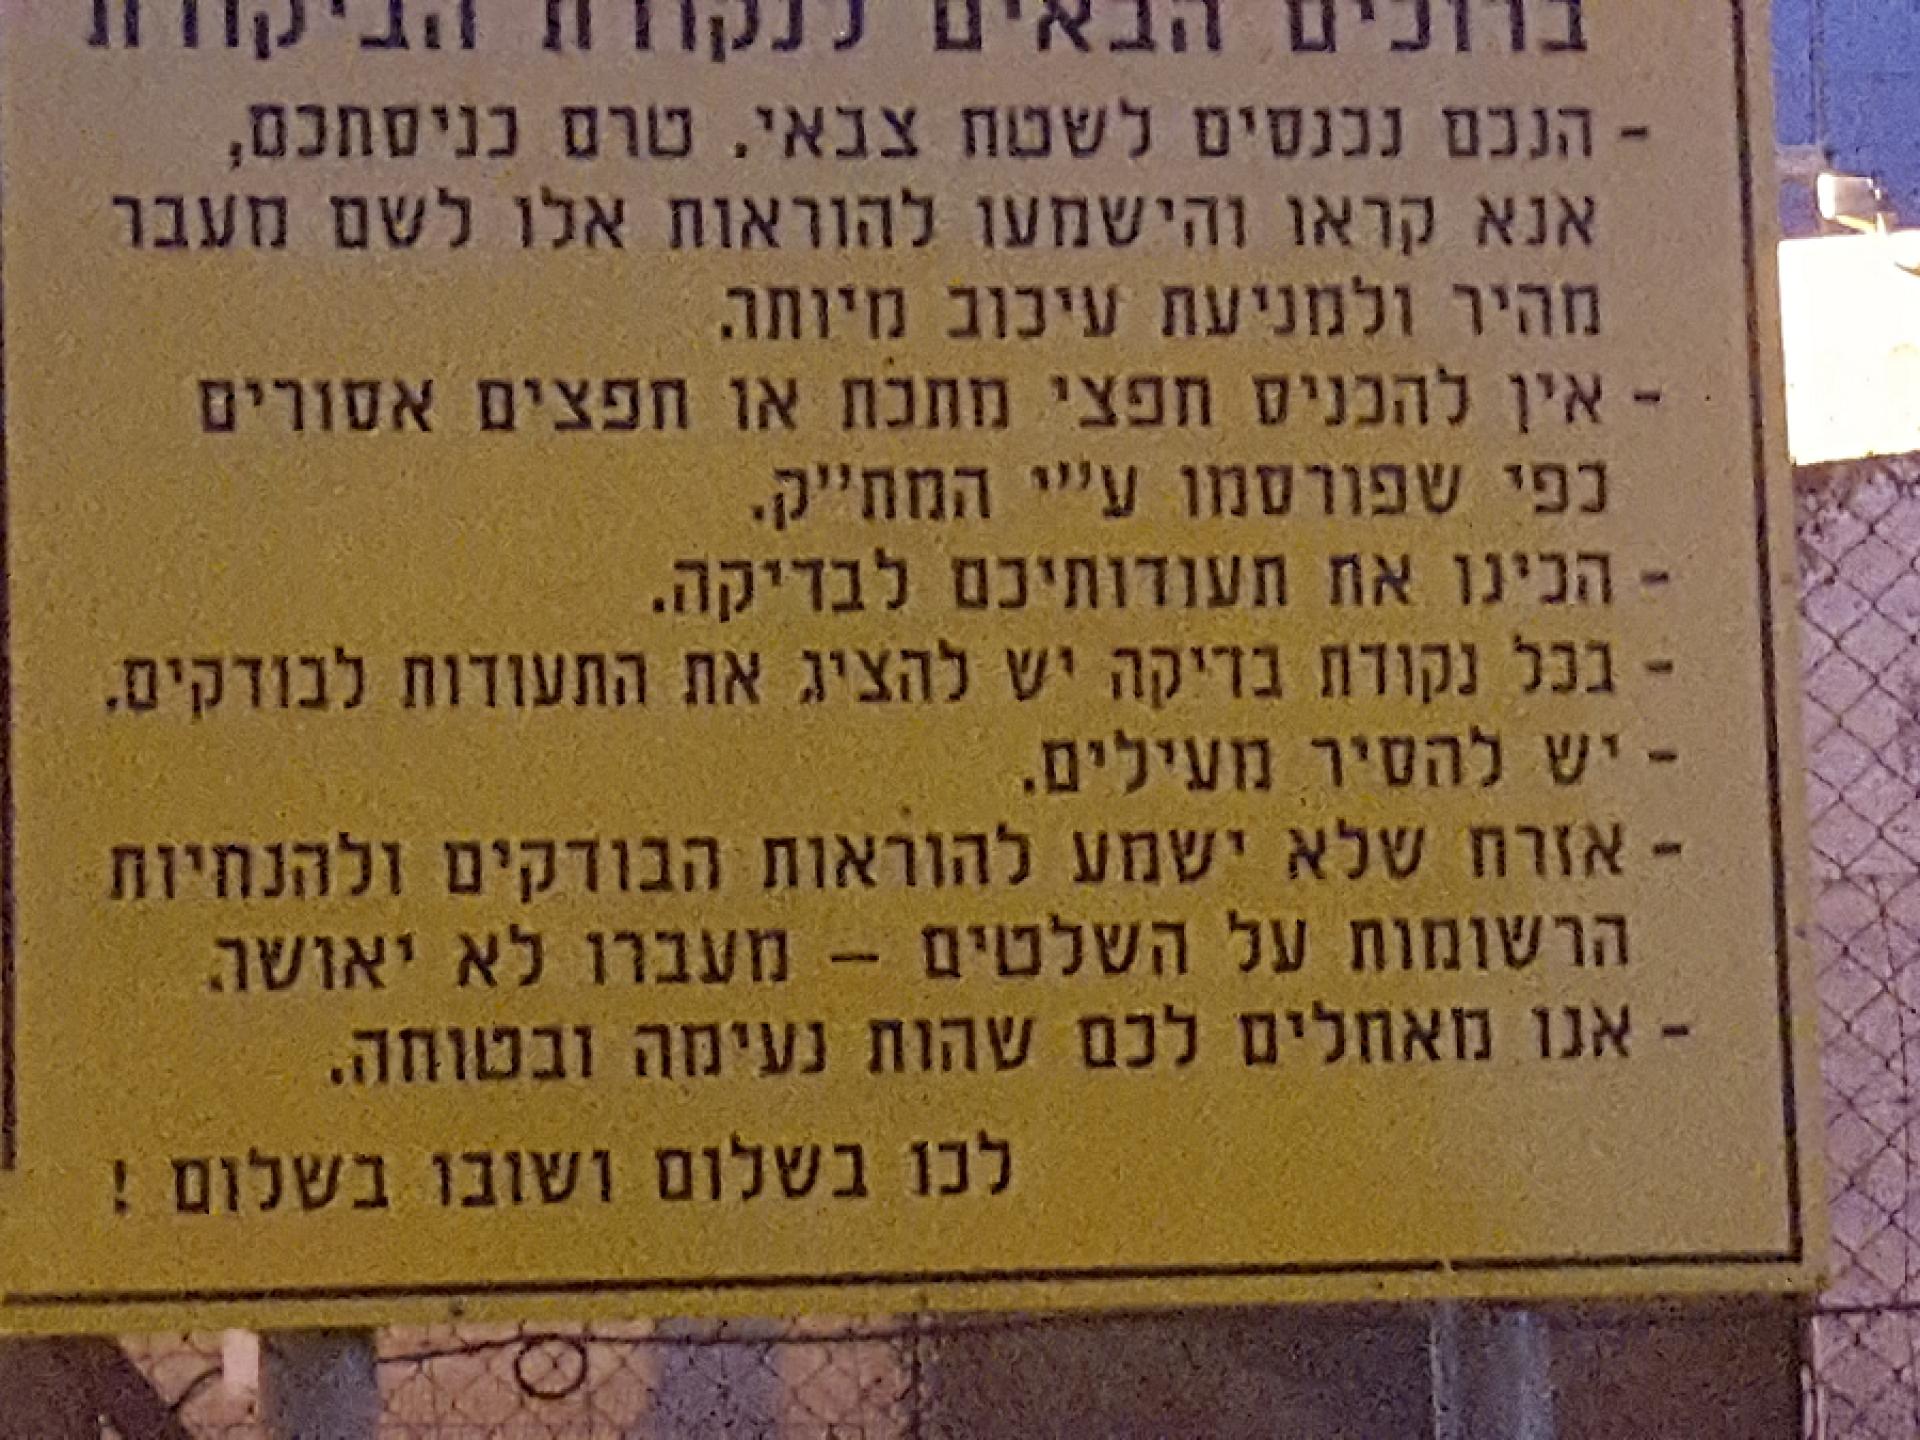 שלט במחסום ברטעה: תצייתו להוראות, או ש...